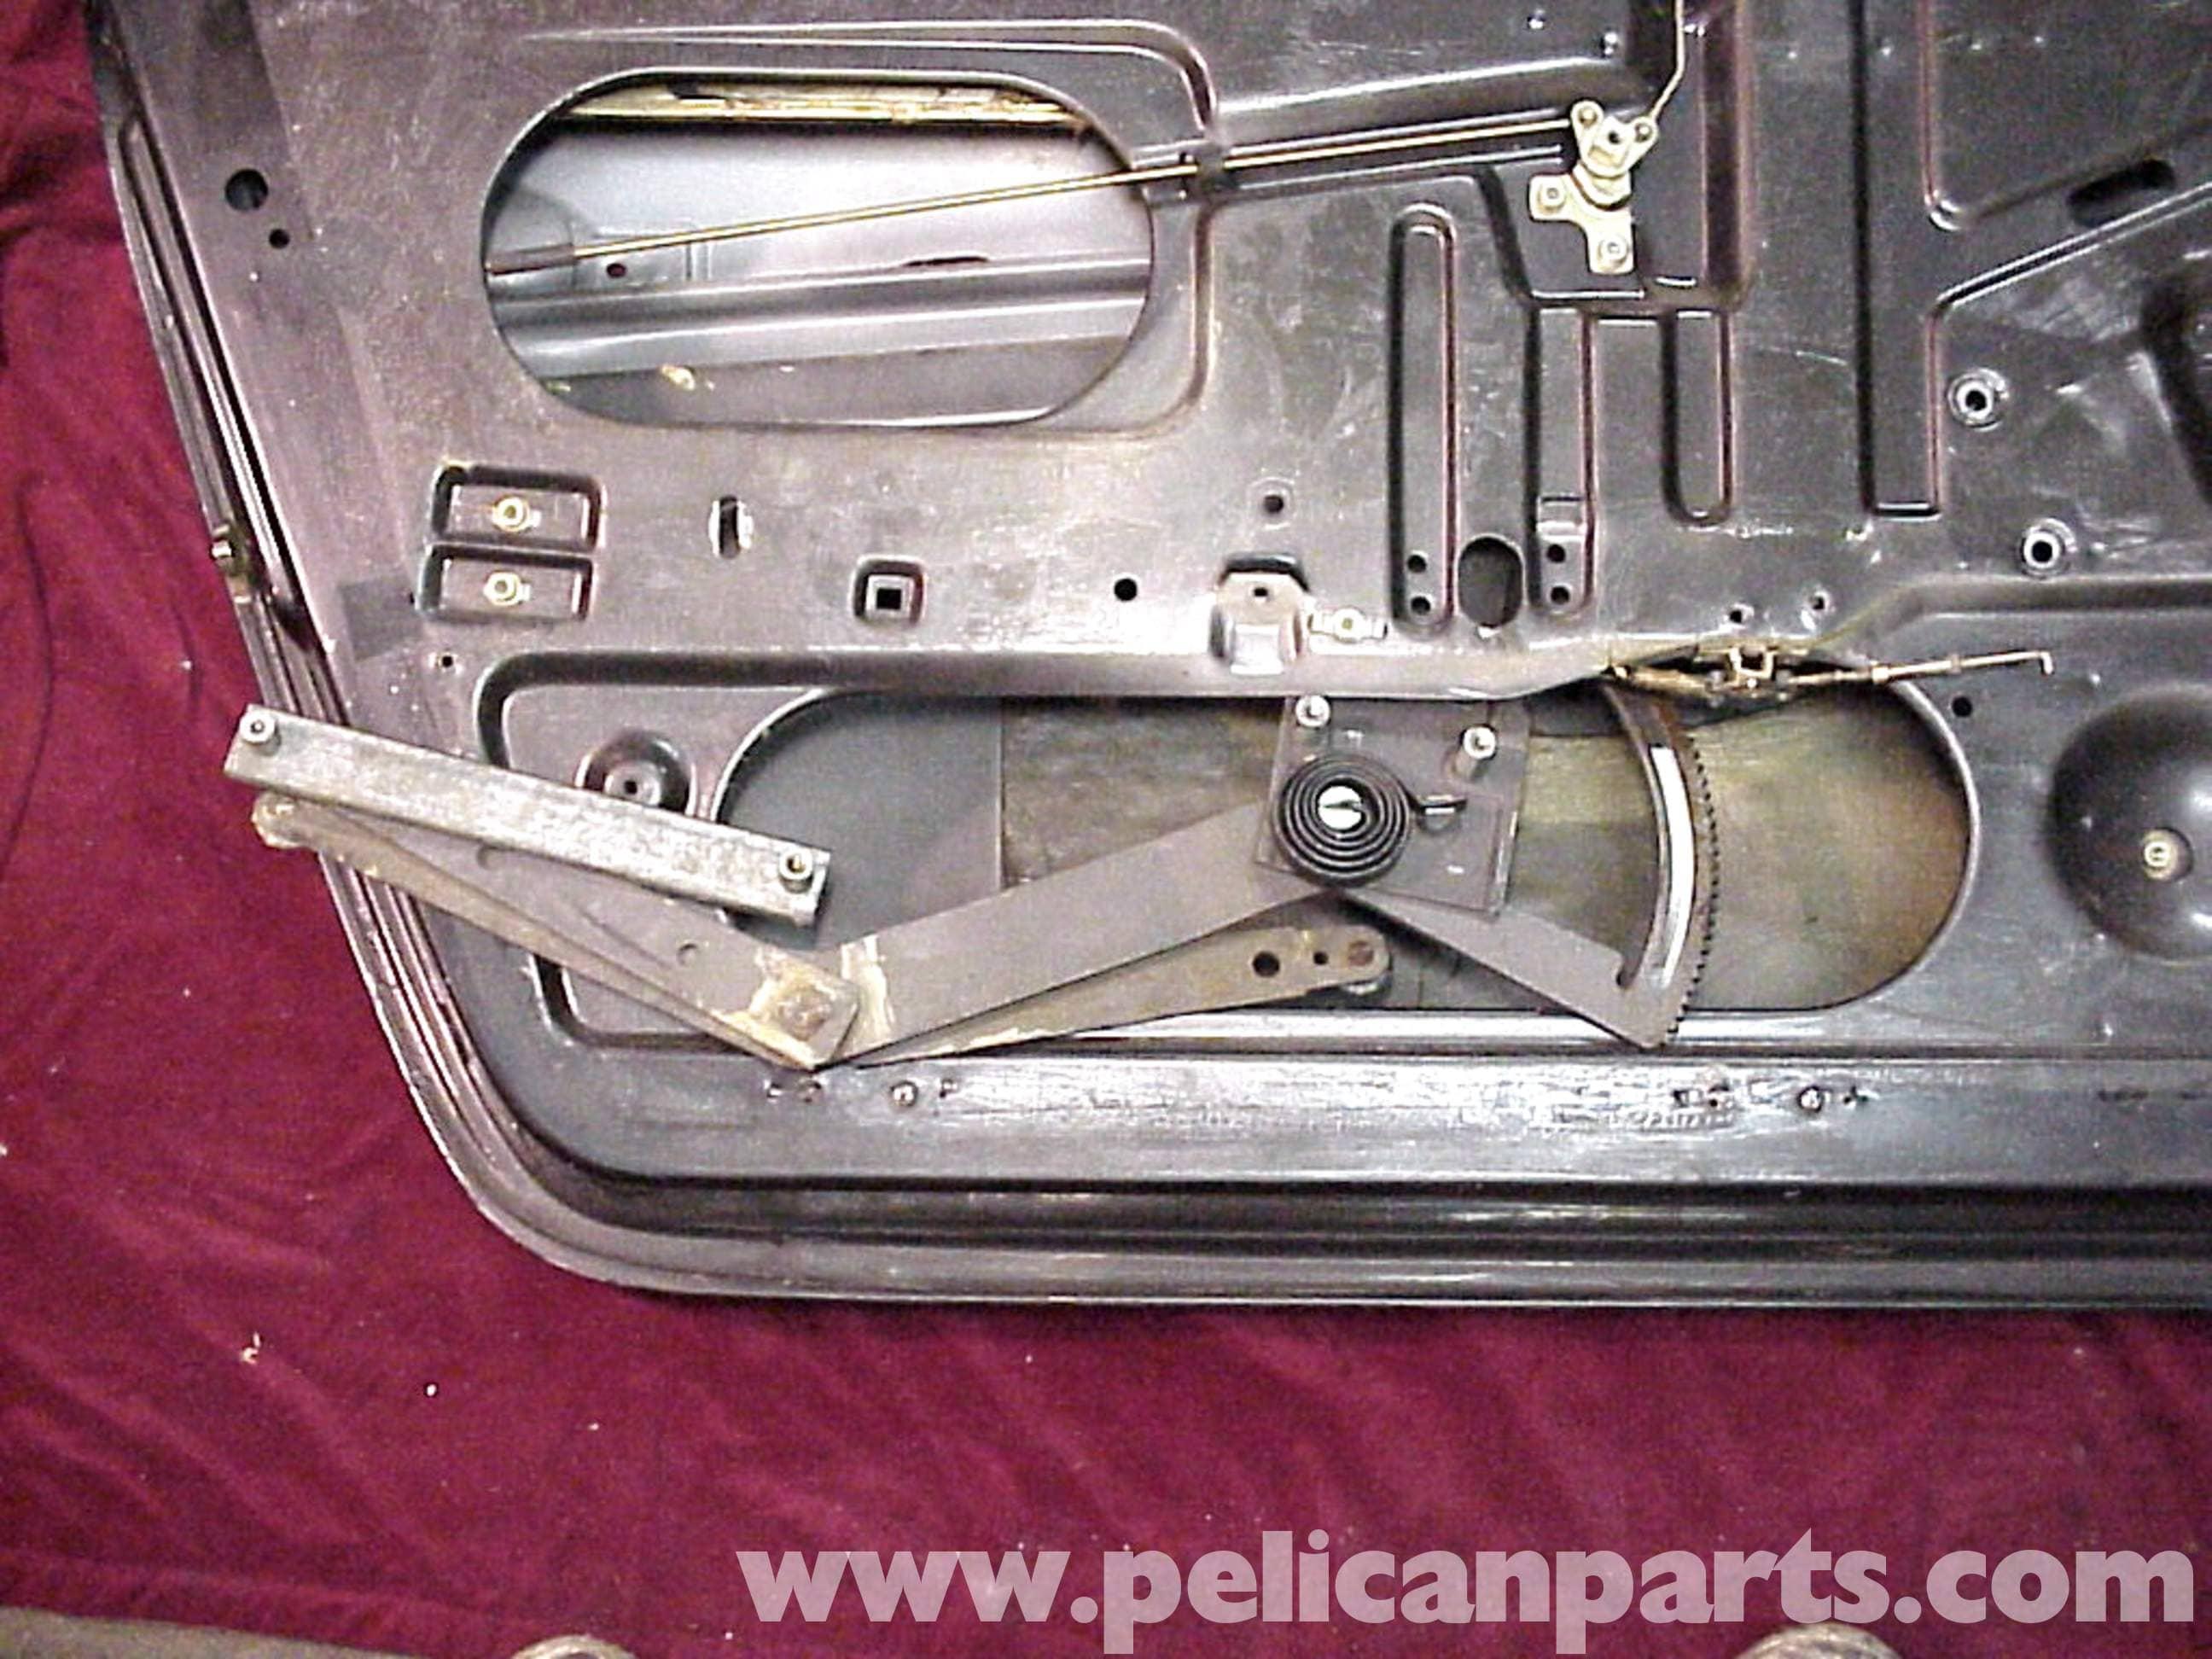 porsche 911 window regulator and motor replacement 911 1965 89 930 turbo 1975 89